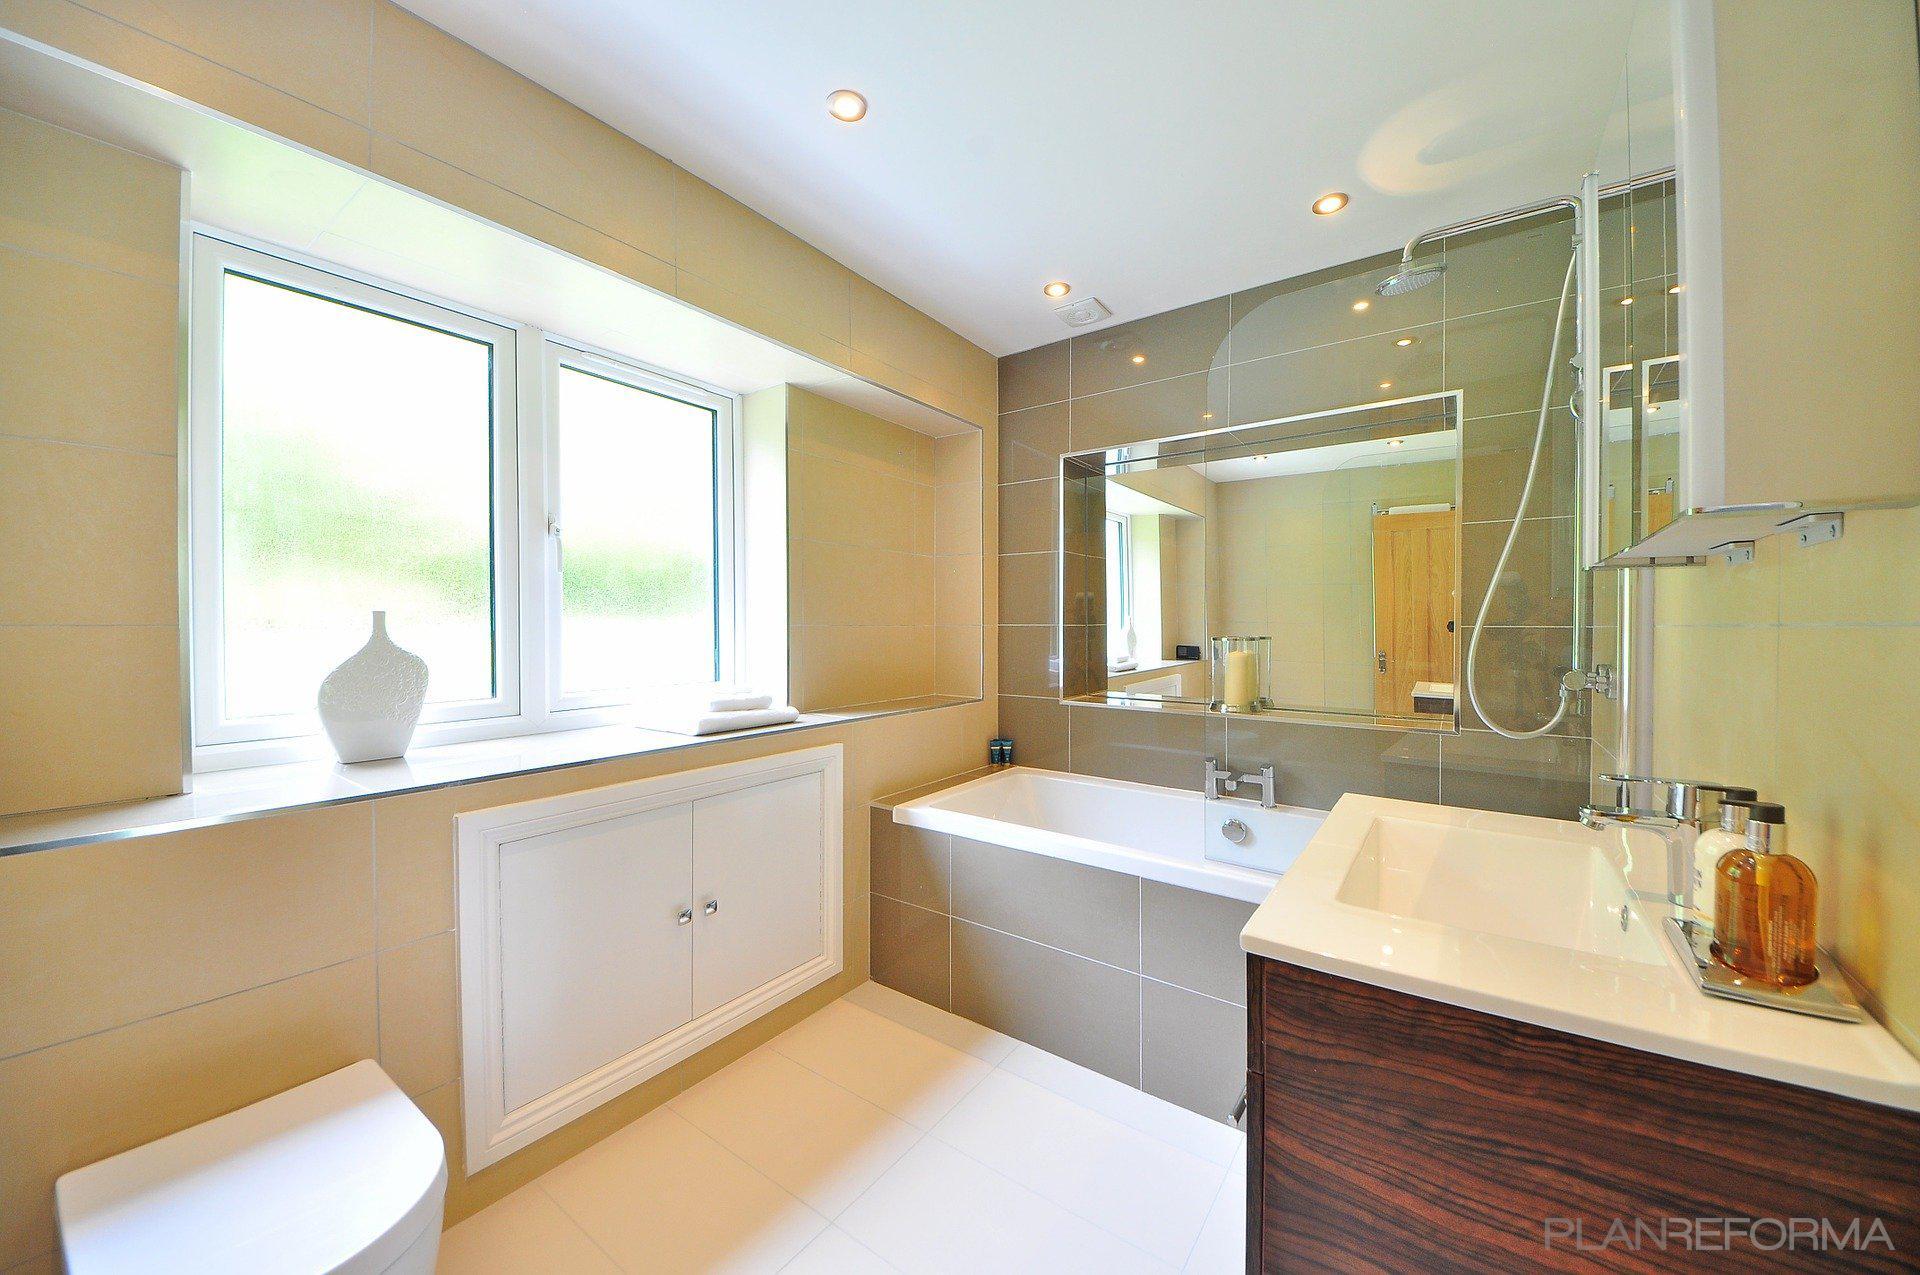 Baño Estilo moderno Color beige, beige, blanco  diseñado por JOTPRO S.L. | Gremio | Copyright Jot Pro